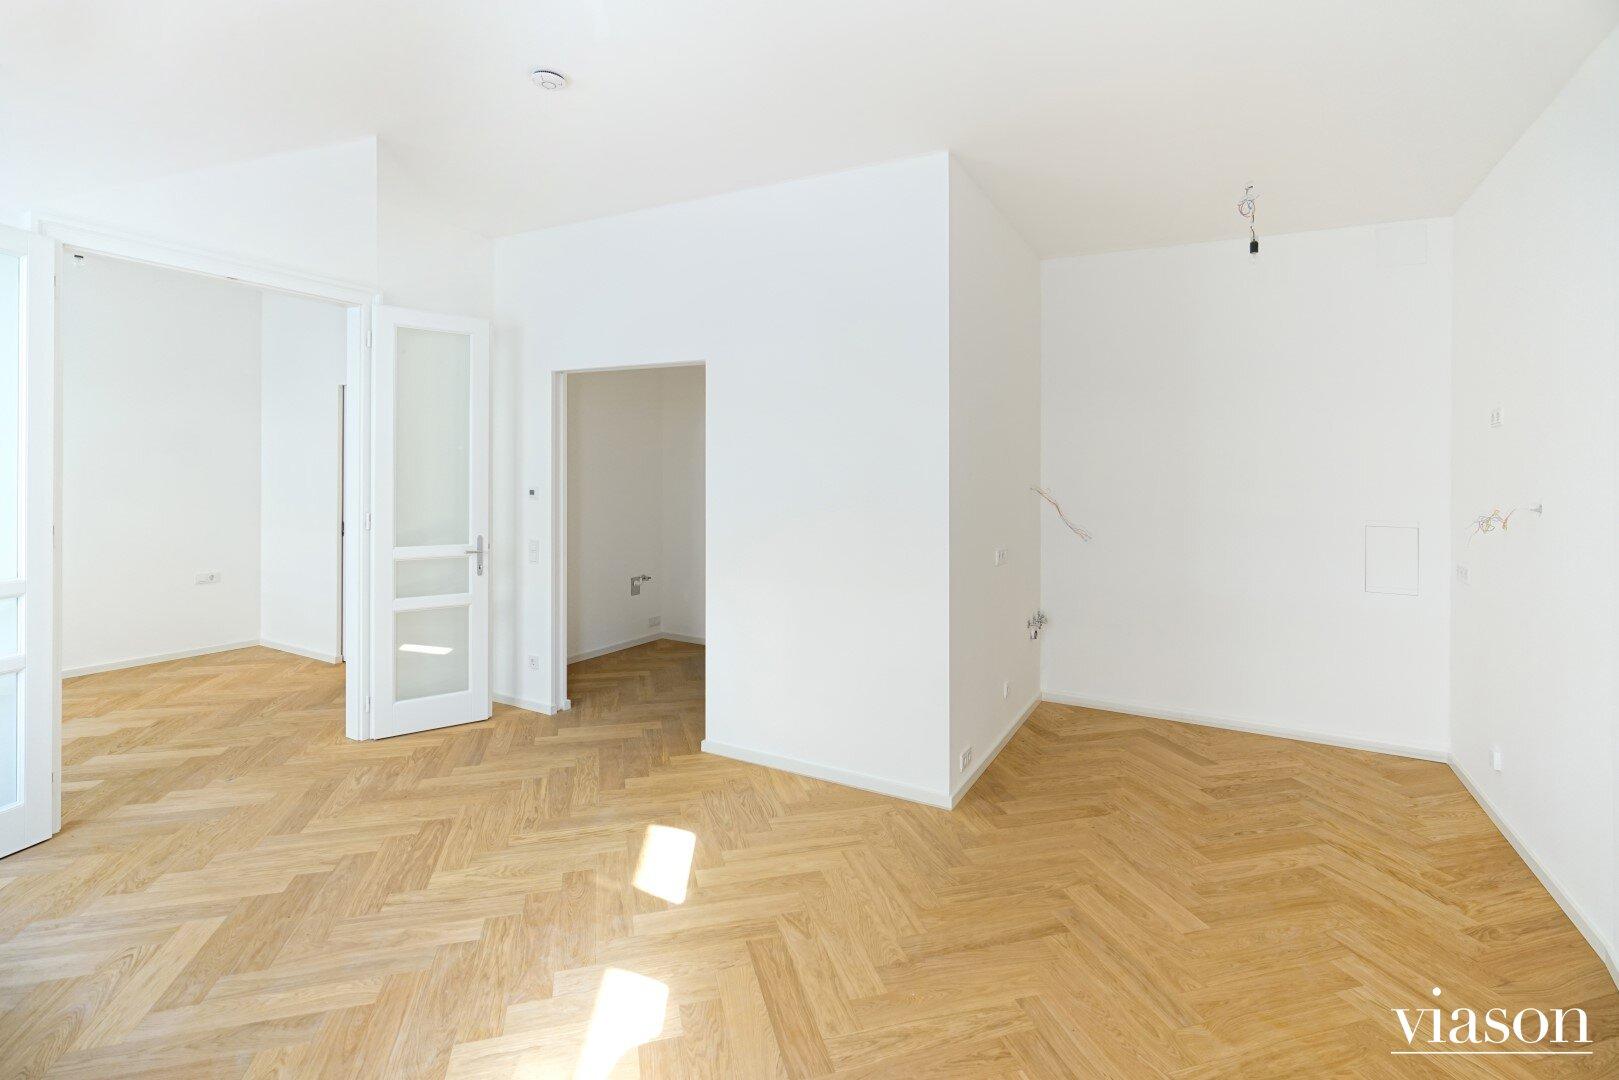 Wohnzimmer und Küchenanschlüsse